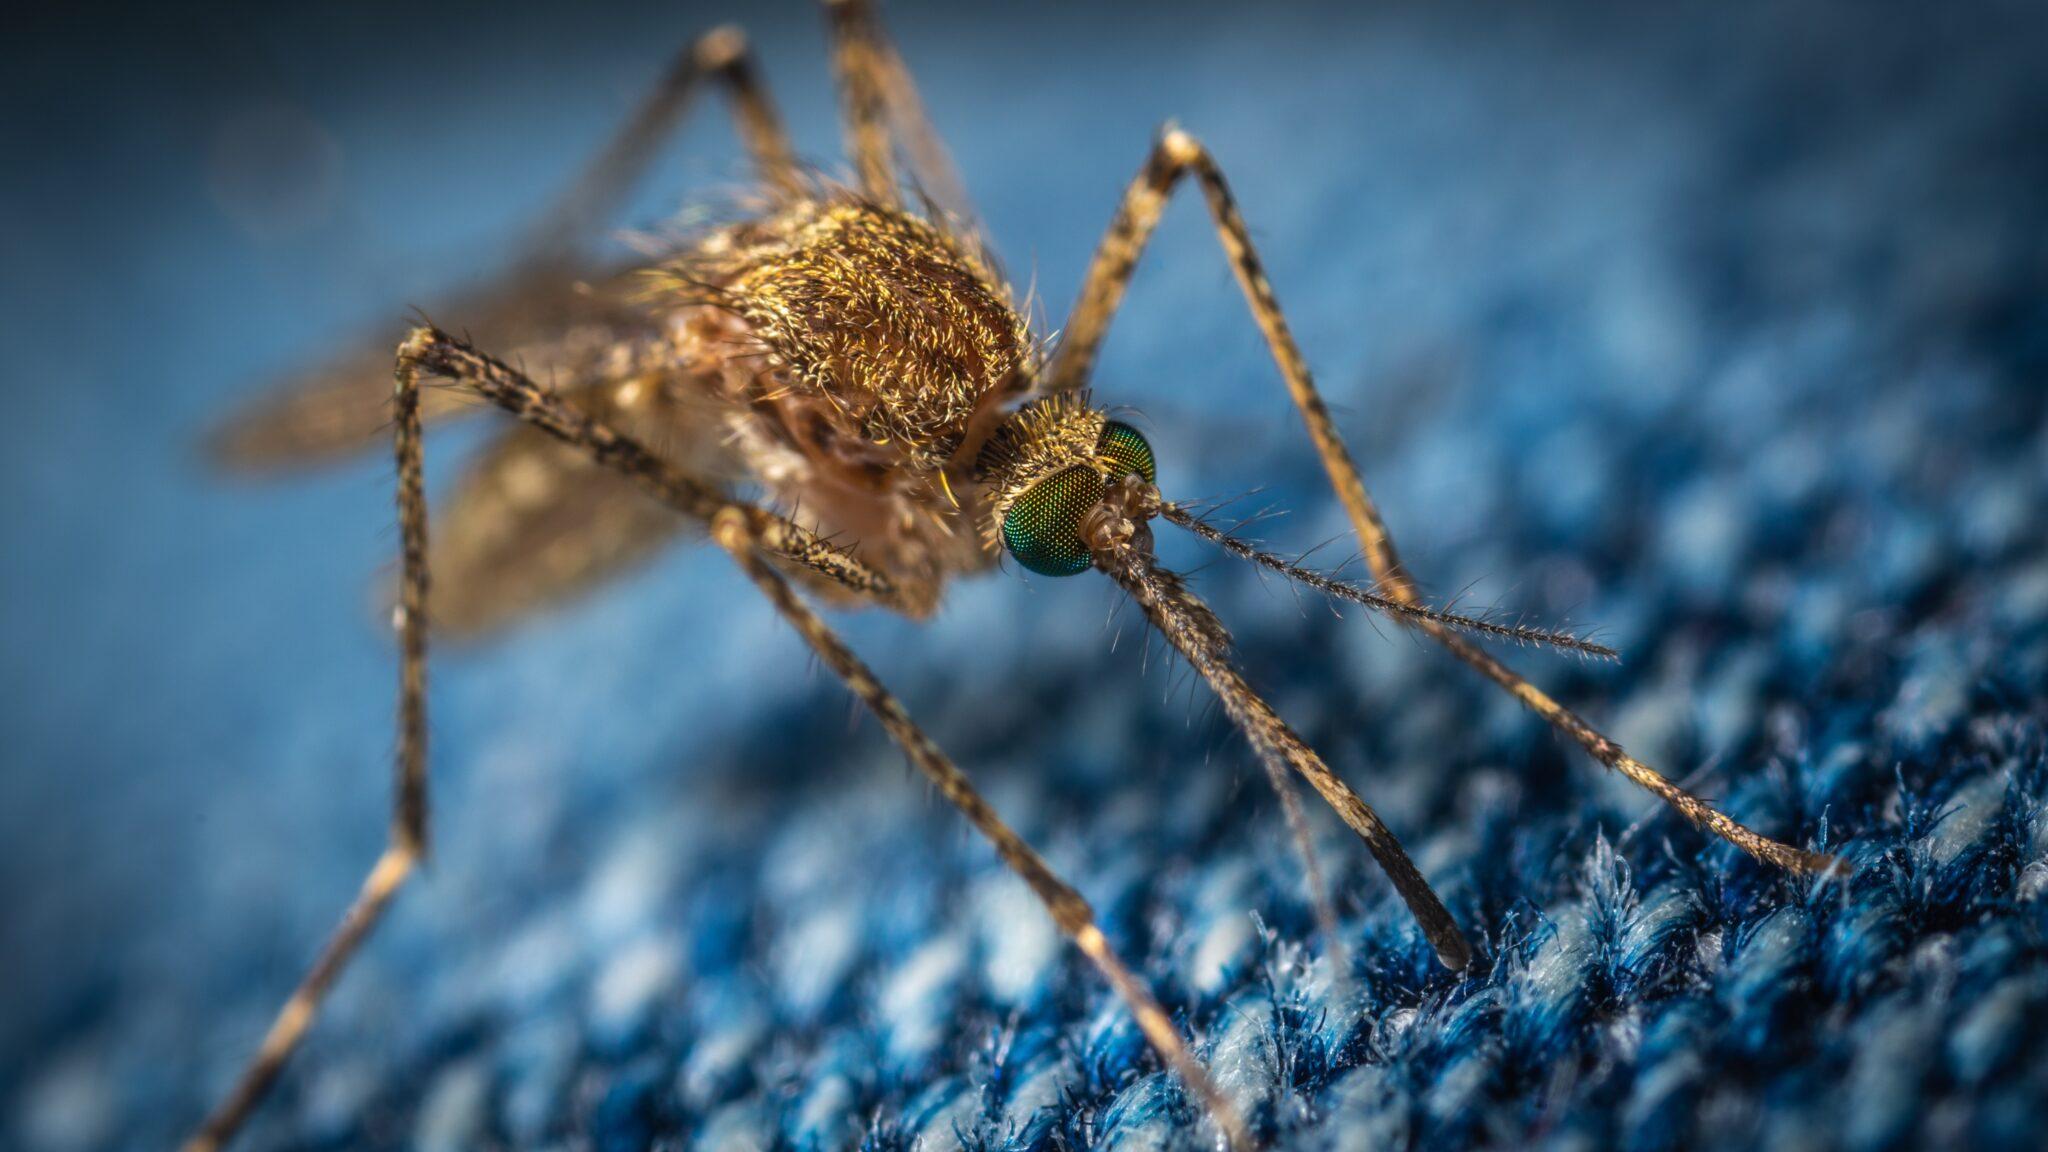 Makro-Aufnahme einer Mücke, die versucht, durch eine Jeans zu stechen.